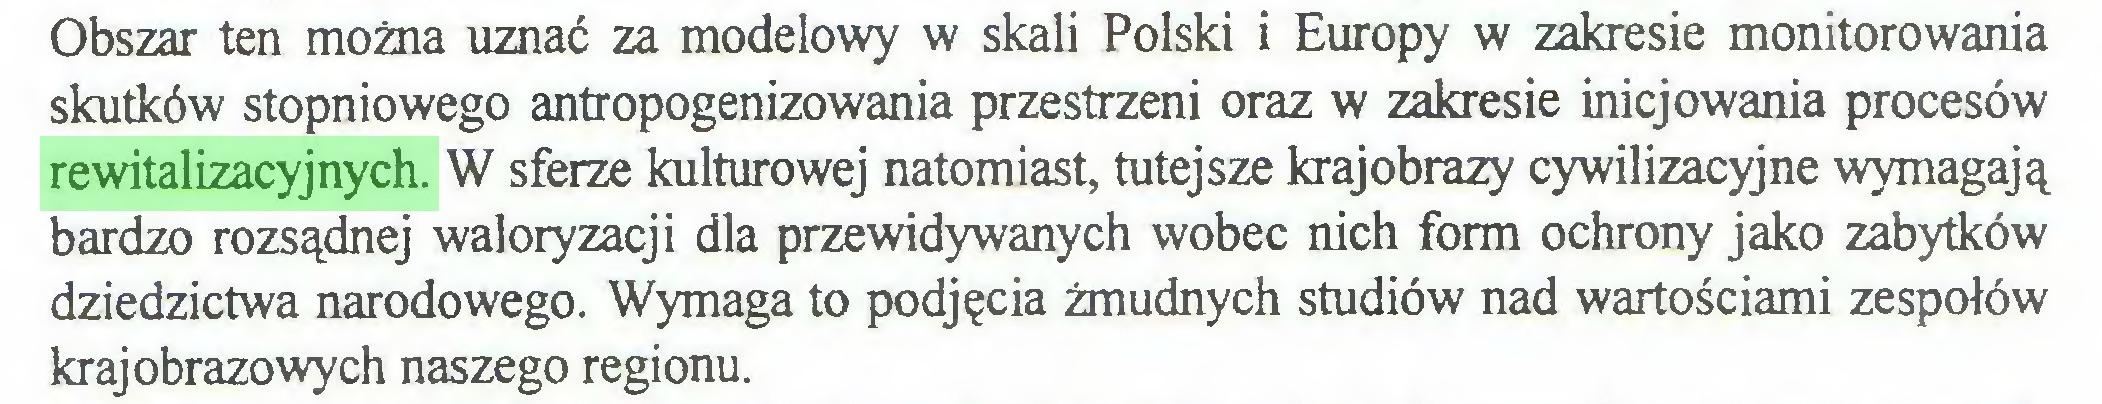 (...) Obszar ten można uznać za modelowy w skali Polski i Europy w zakresie monitorowania skutków stopniowego antropogenizowania przestrzeni oraz w zakresie inicjowania procesów rewitalizacyjnych. W sferze kulturowej natomiast, tutejsze krajobrazy cywilizacyjne wymagają bardzo rozsądnej waloryzacji dla przewidywanych wobec nich form ochrony jako zabytków dziedzictwa narodowego. Wymaga to podjęcia żmudnych studiów nad wartościami zespołów krajobrazowych naszego regionu...